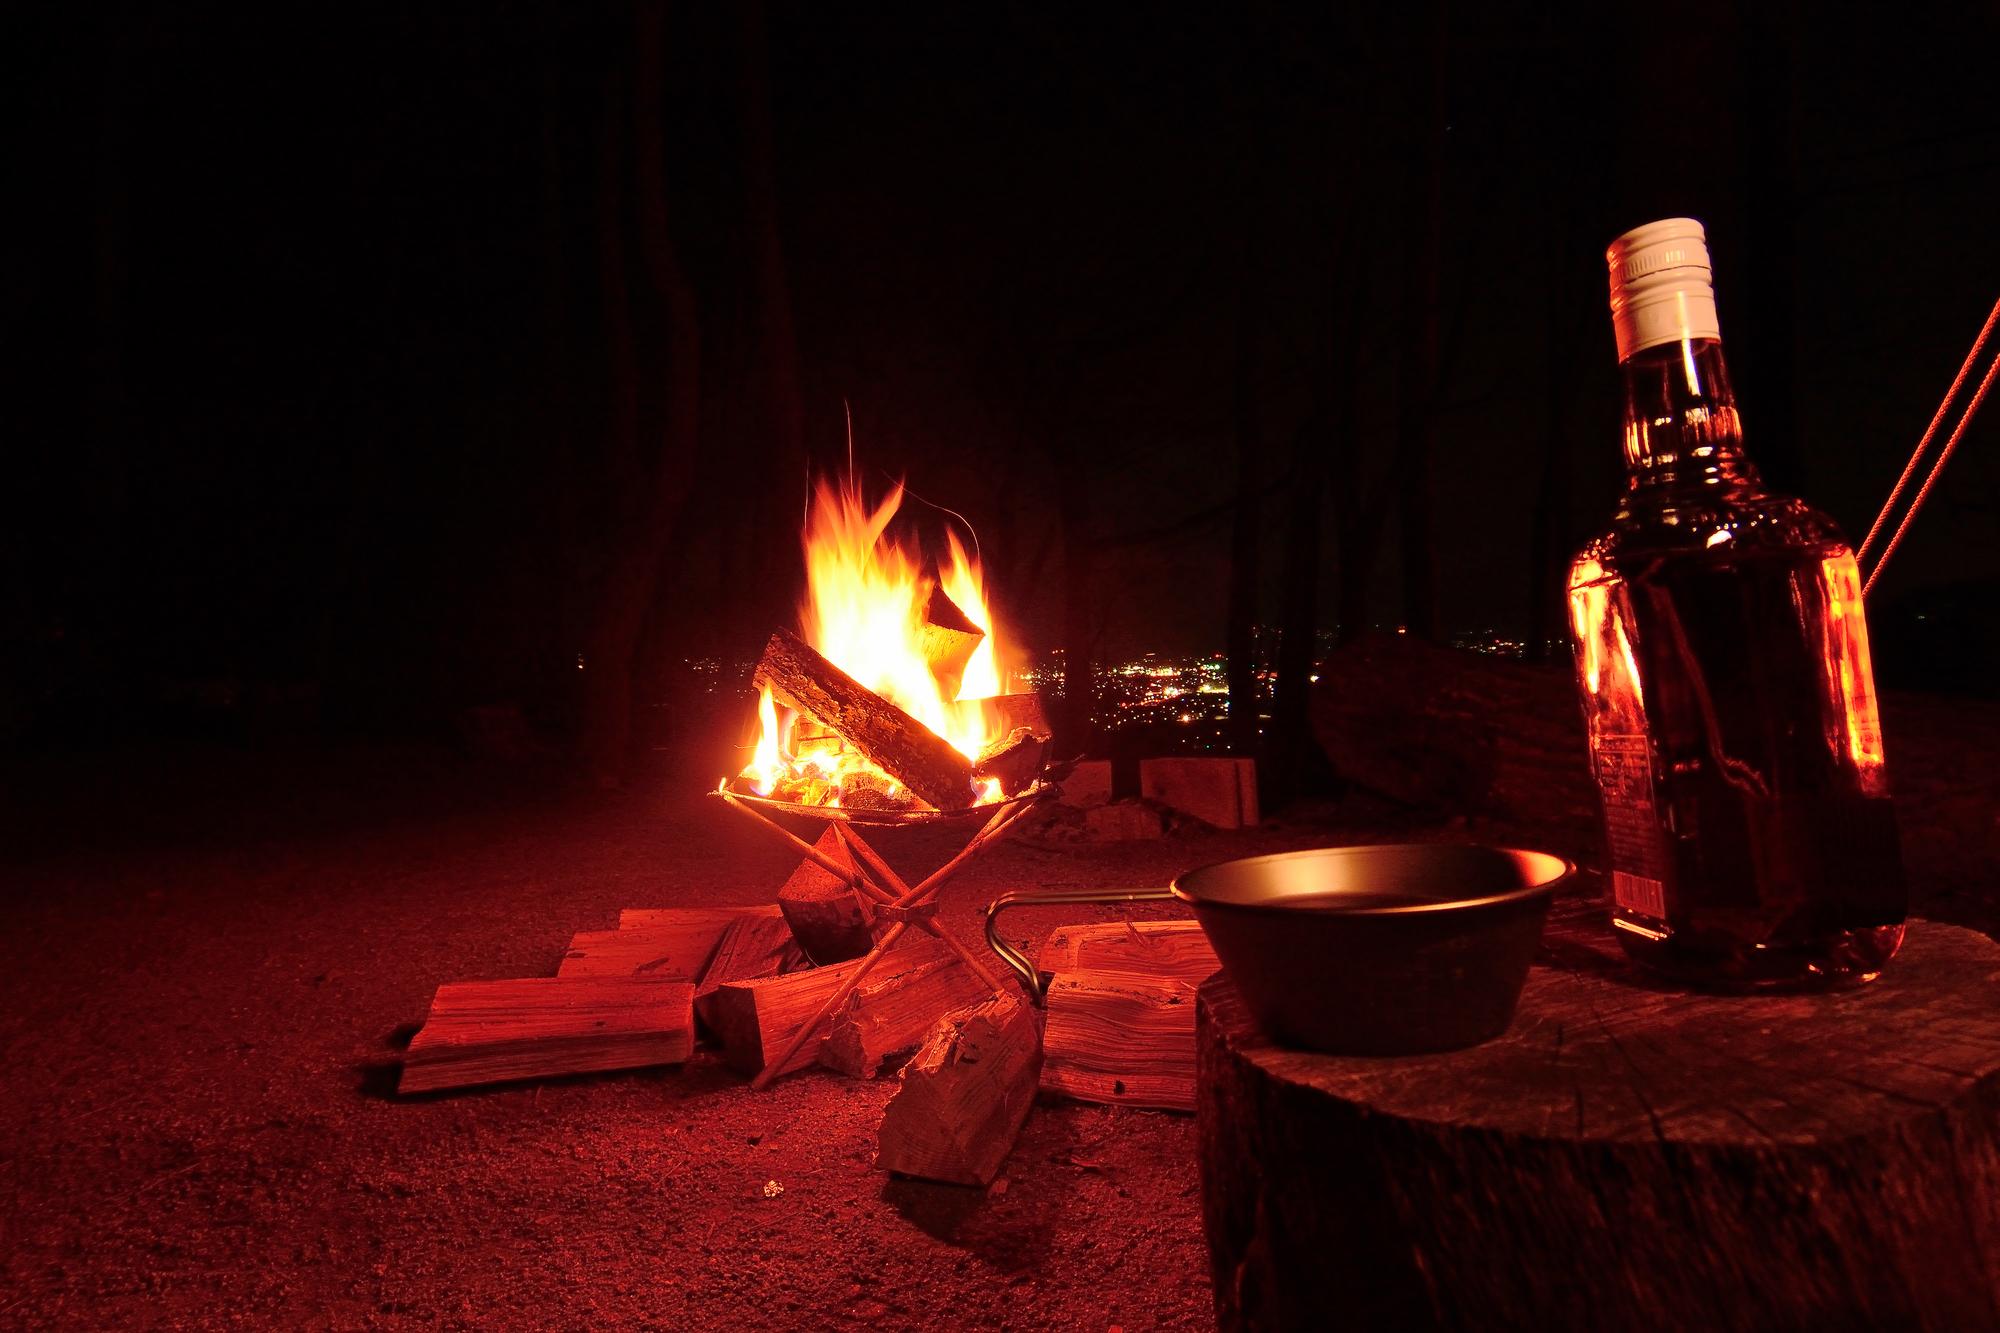 冬キャンプのホットドリンク